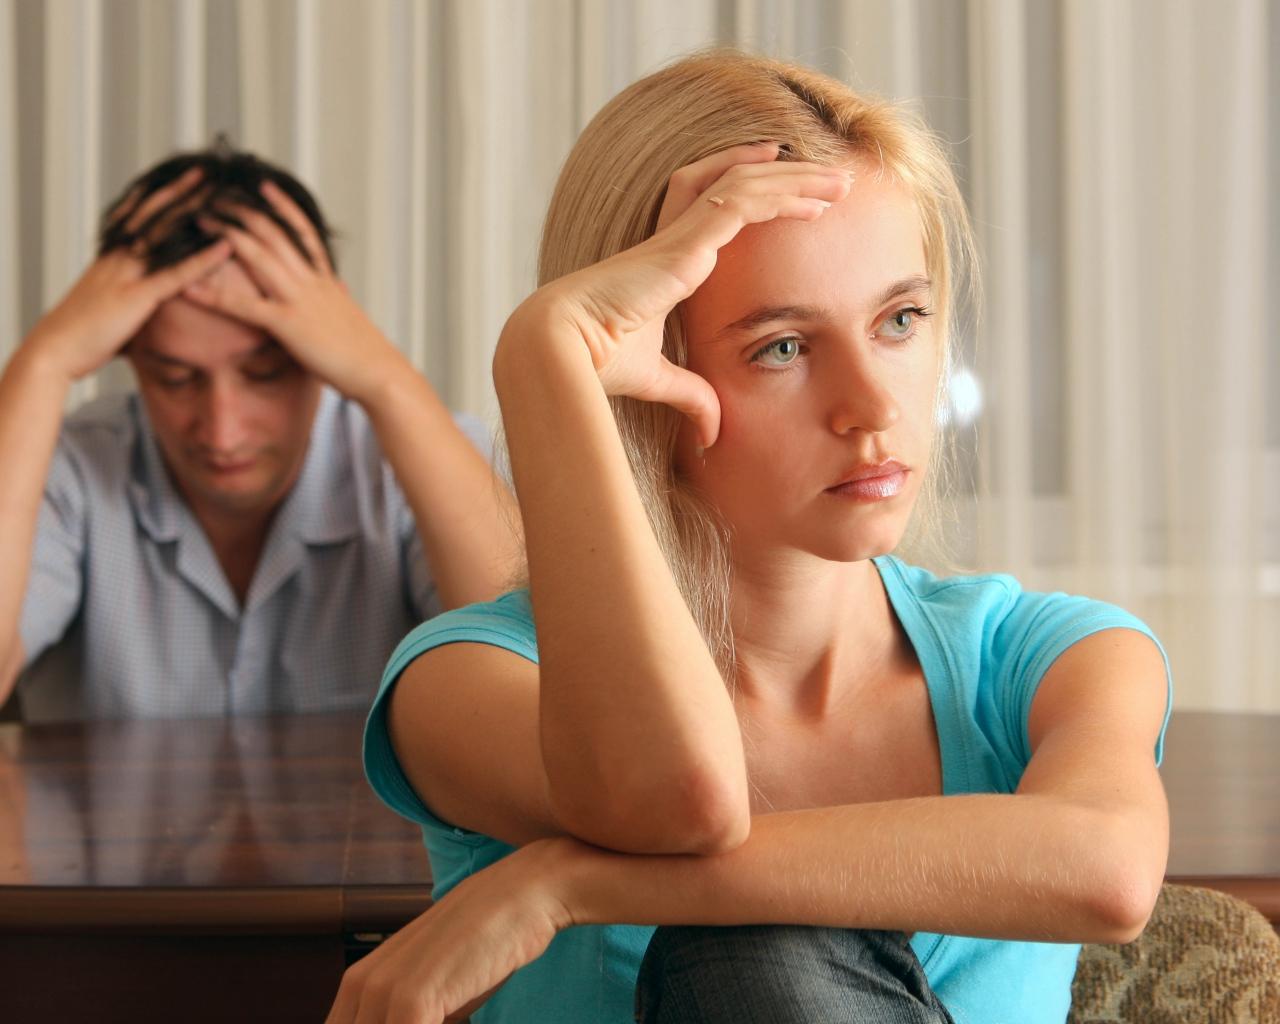 family_quarrels_husband_wife_80682_1280x1024